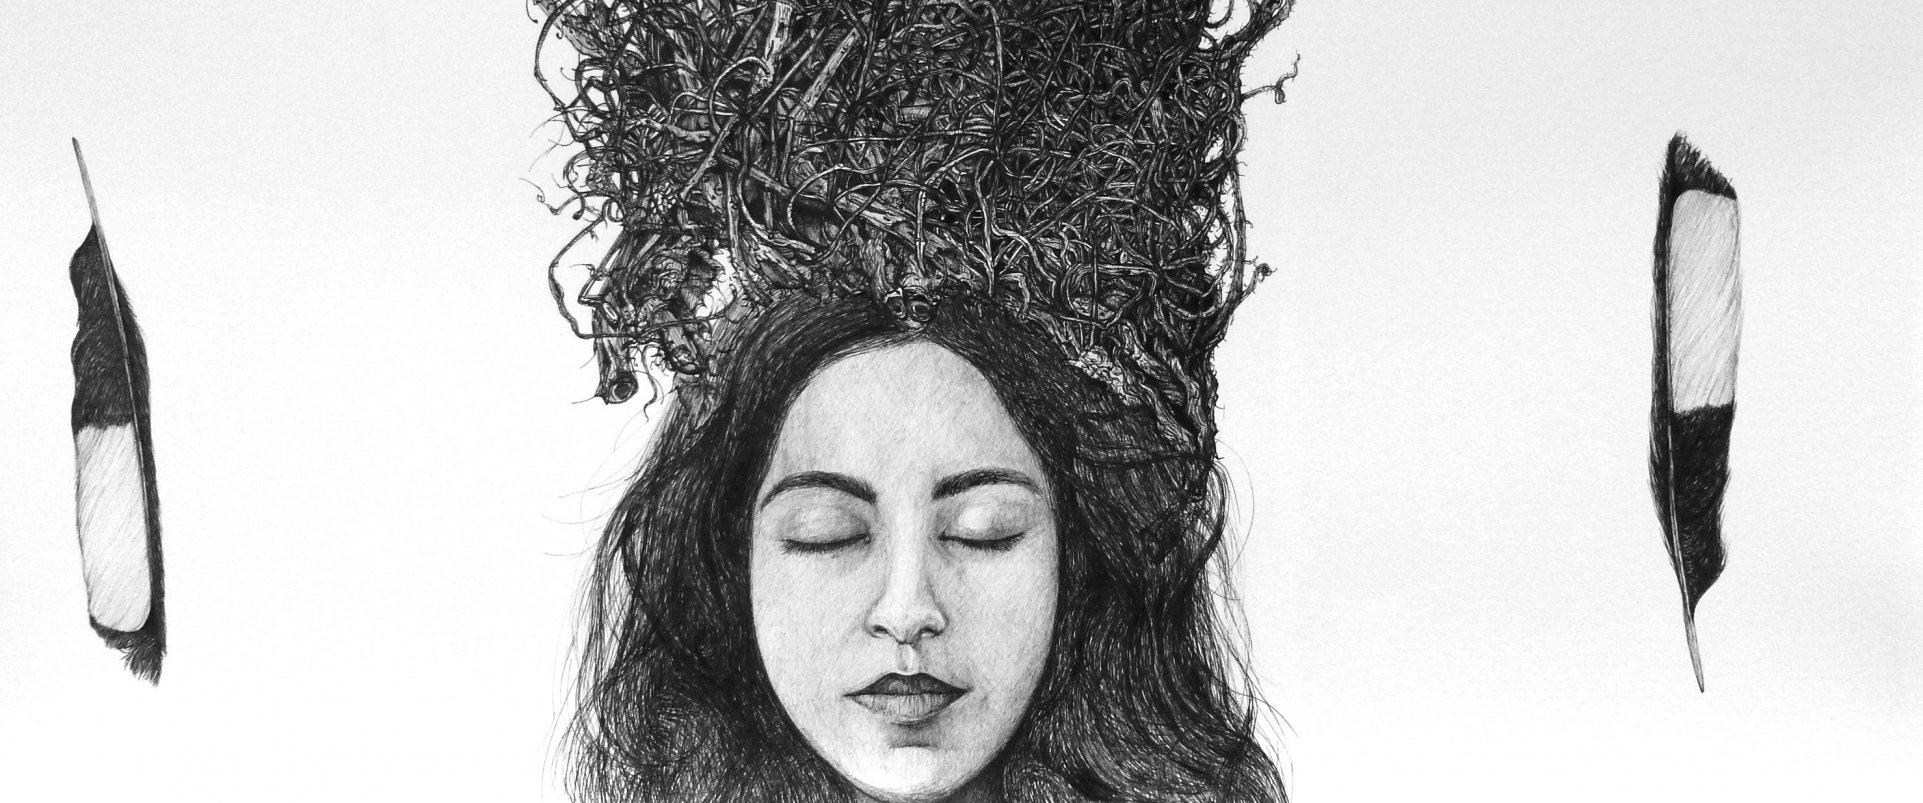 Durmientes, Tendida entre los abedules. Homenaje a los desaparecios en Argentina (2013) - Liliana Inés González Soria